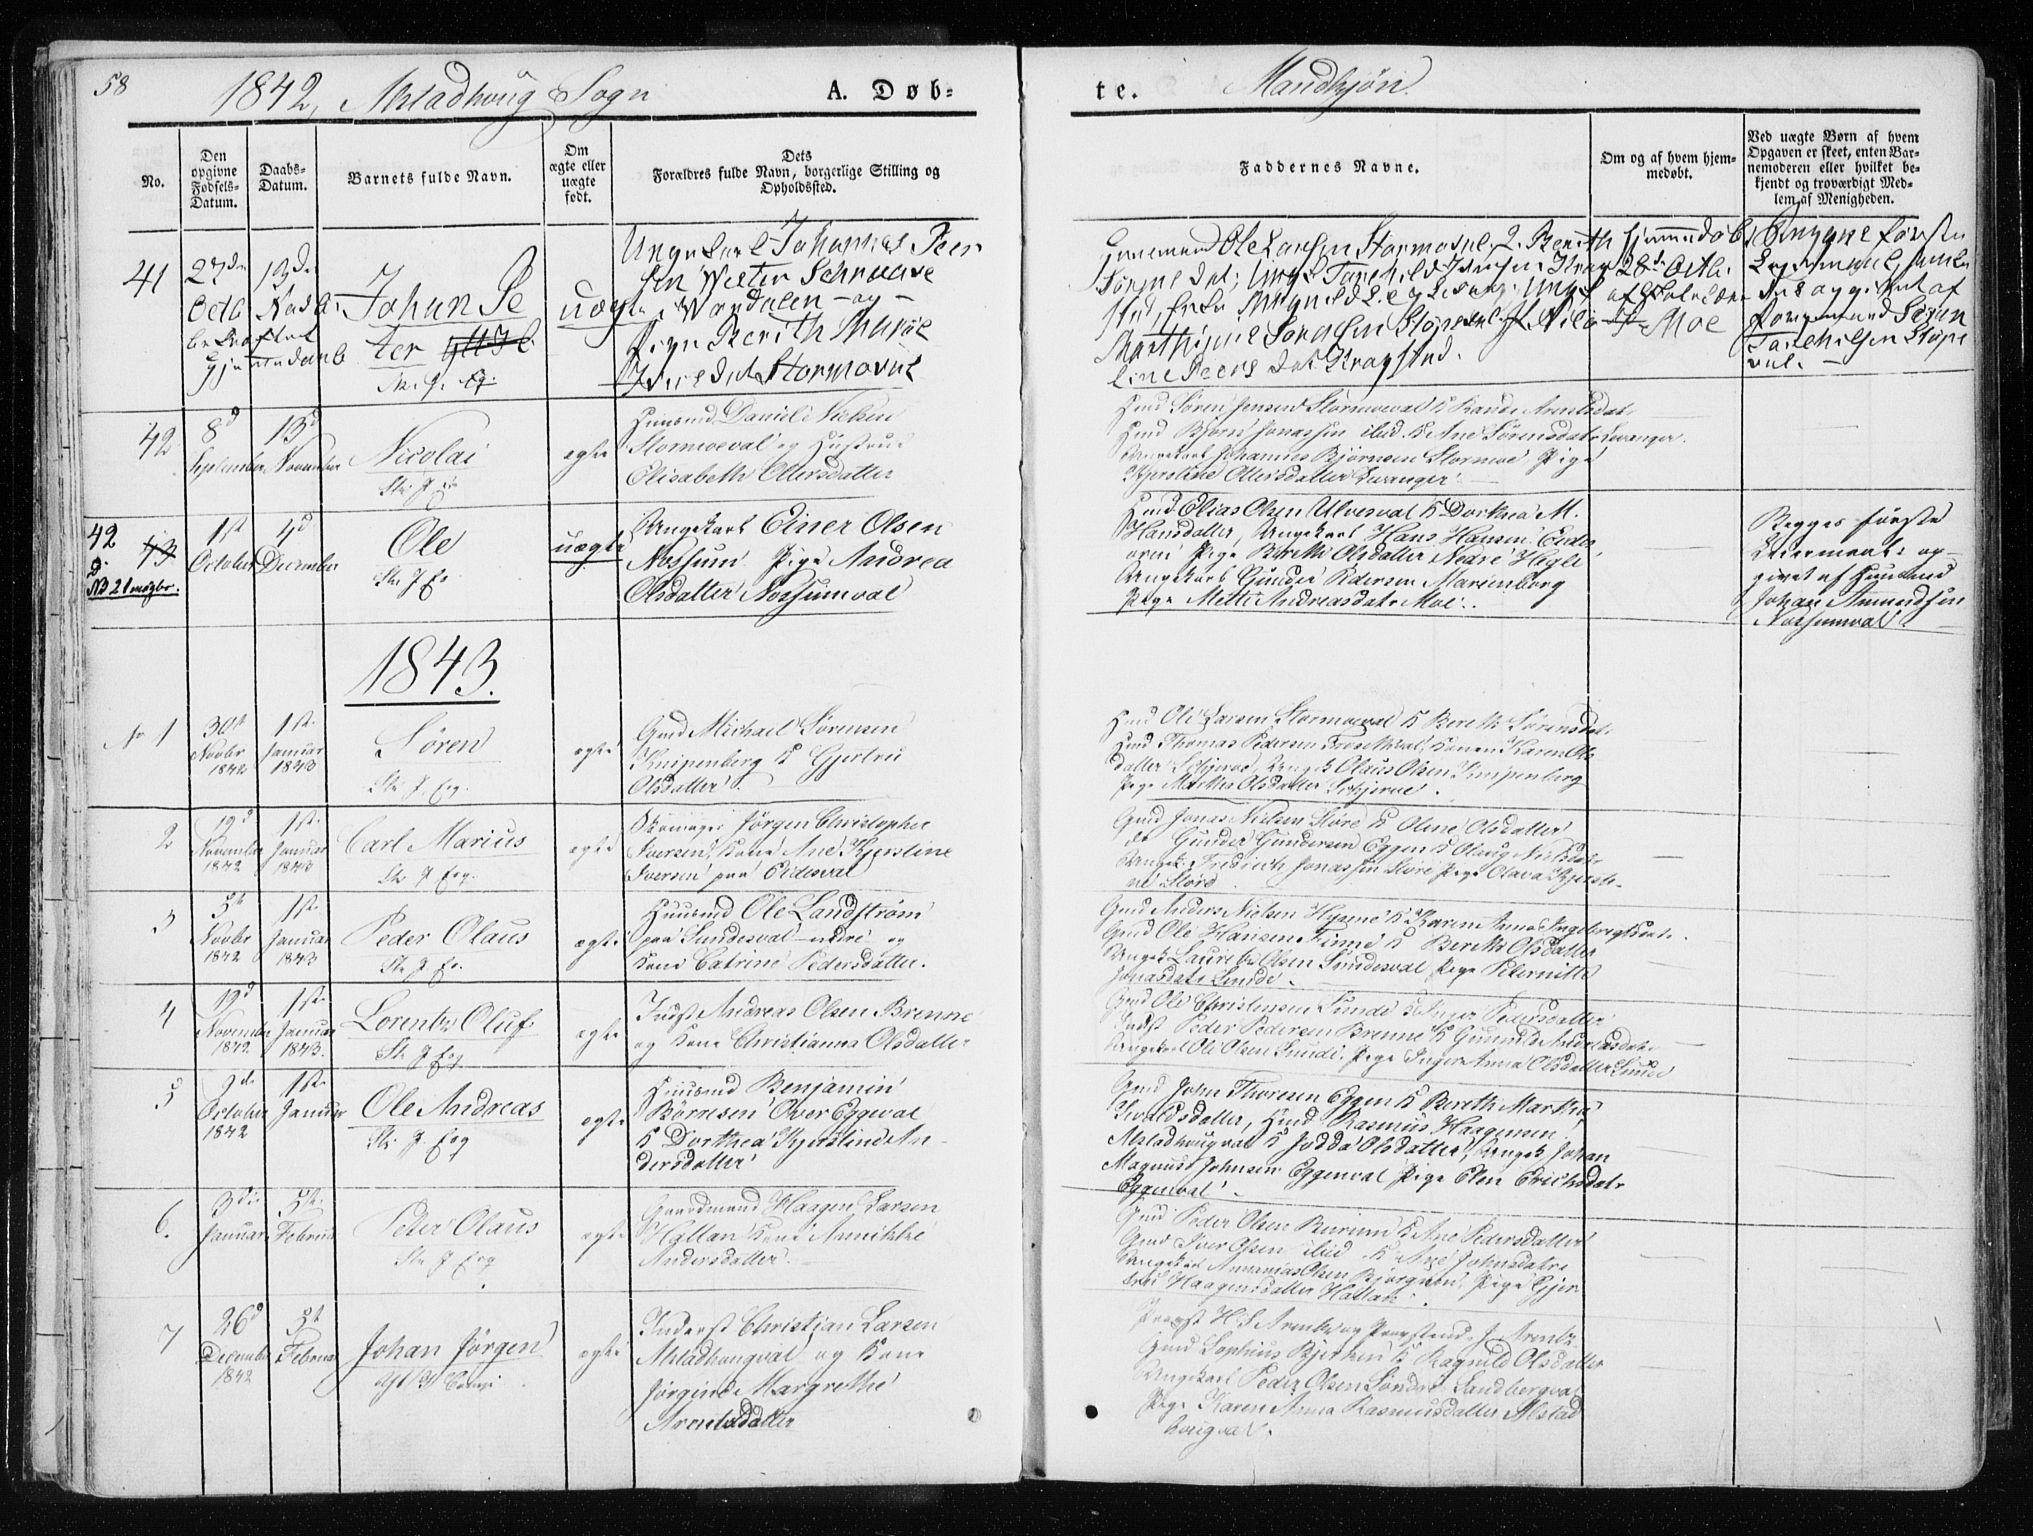 SAT, Ministerialprotokoller, klokkerbøker og fødselsregistre - Nord-Trøndelag, 717/L0154: Ministerialbok nr. 717A06 /1, 1836-1849, s. 58